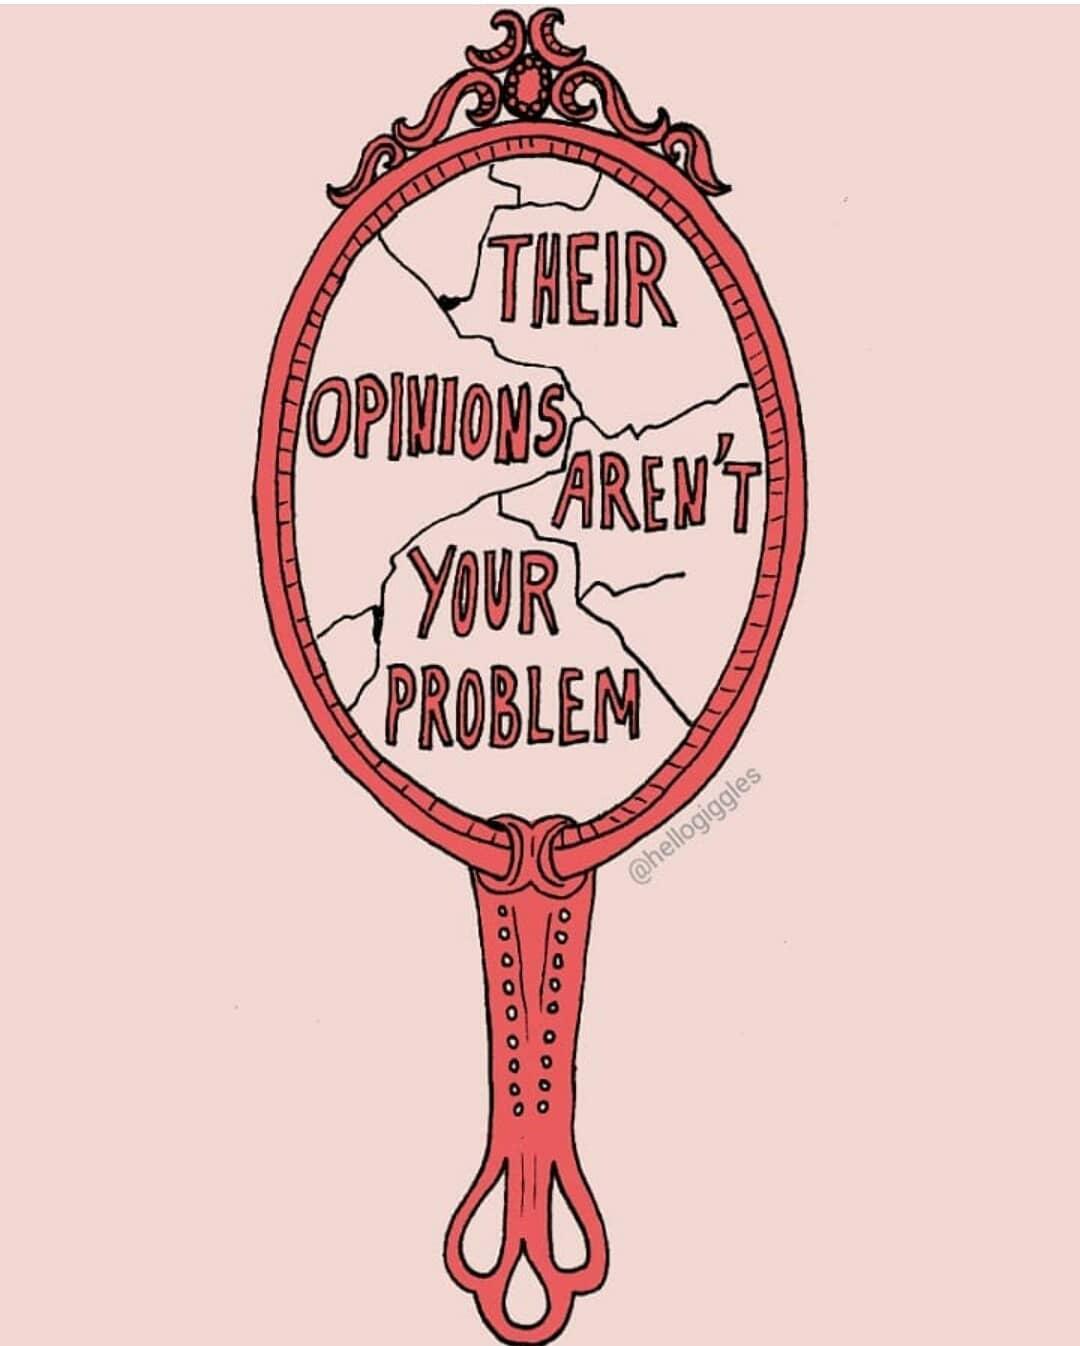 Their opinions aren't your problem. (As opiniões deles não são problema seu)